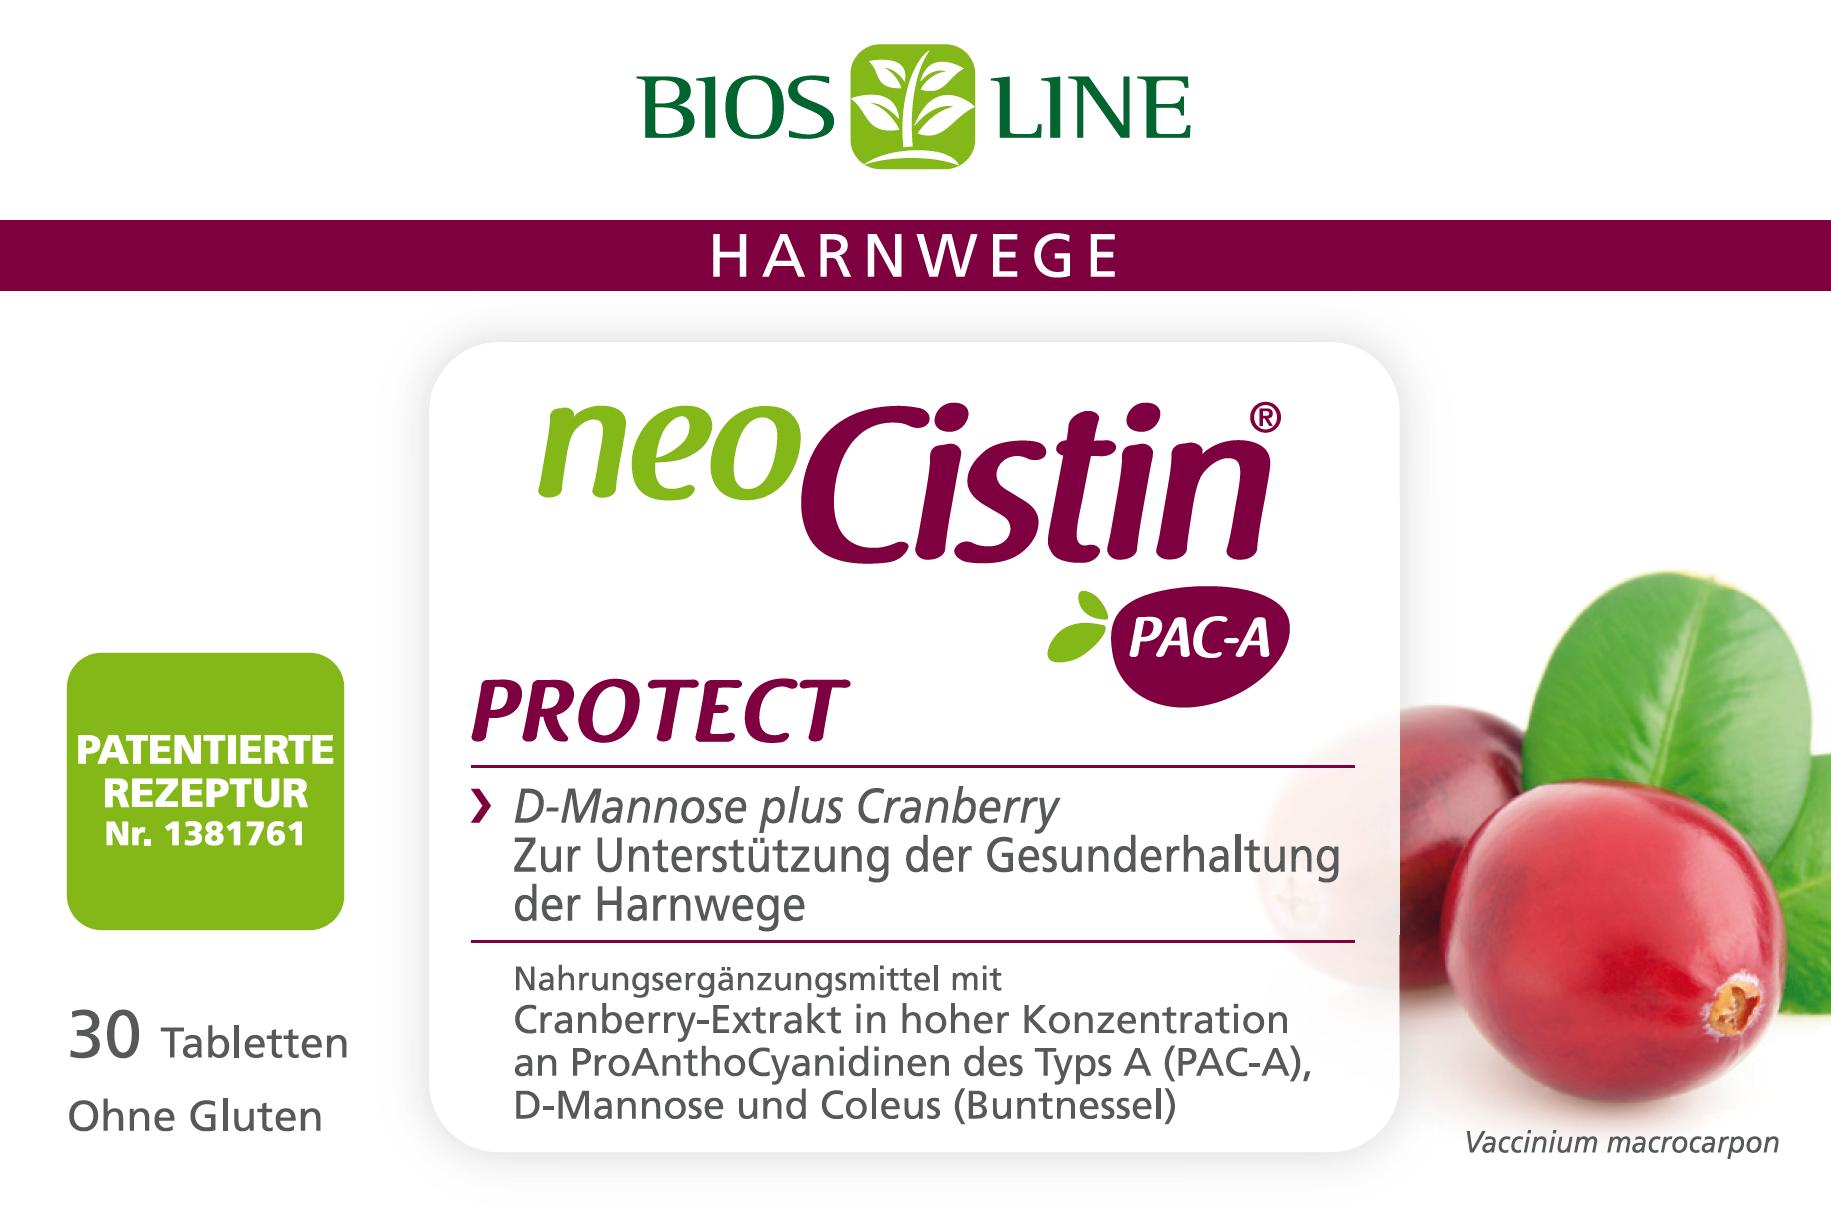 Neocistin Kapseln Bios Line